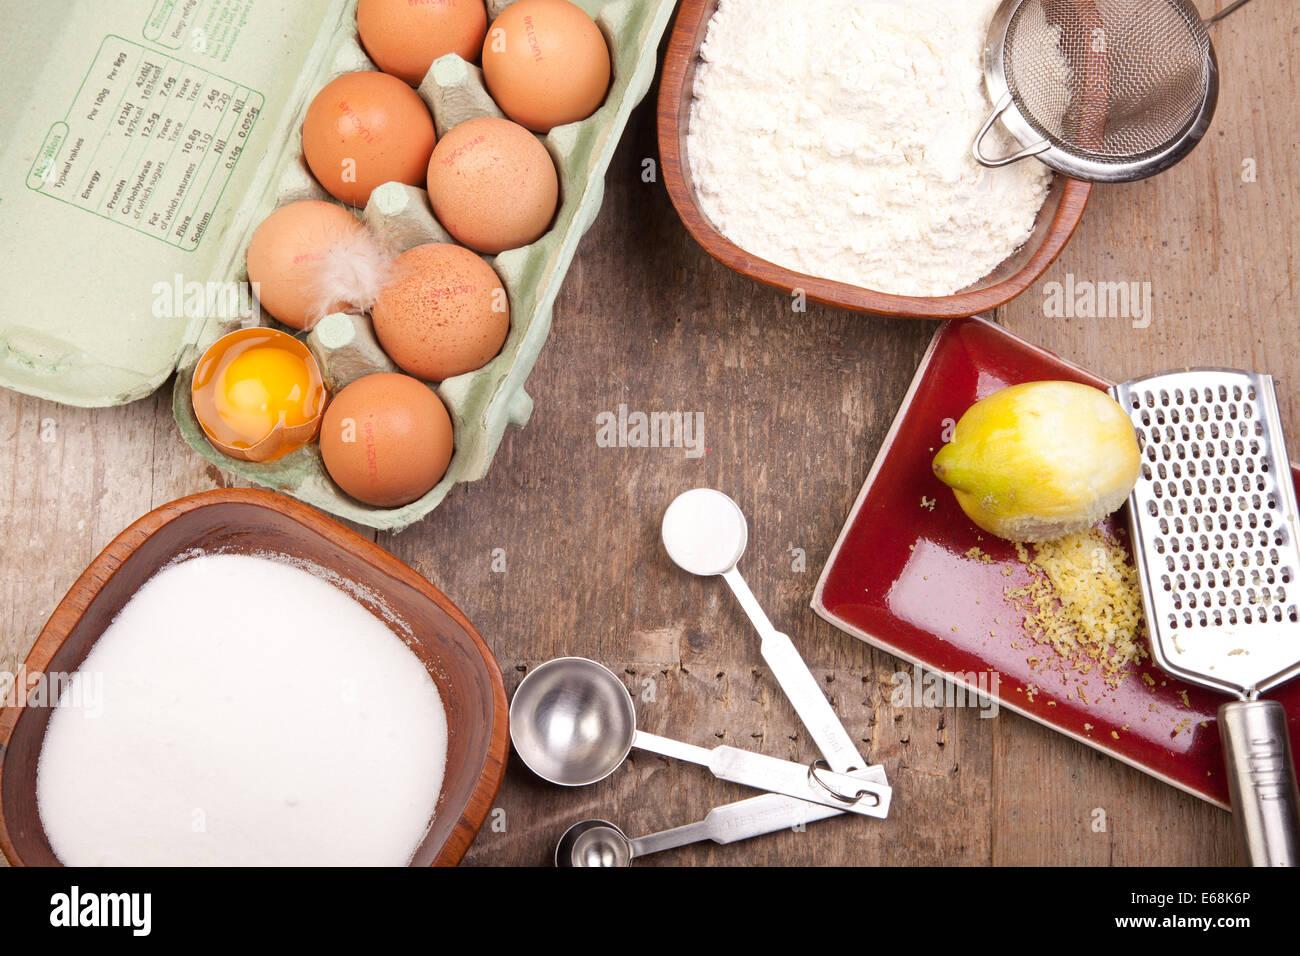 sponge cake ingredients eggs sugar flour lemon baking powder - Stock Image